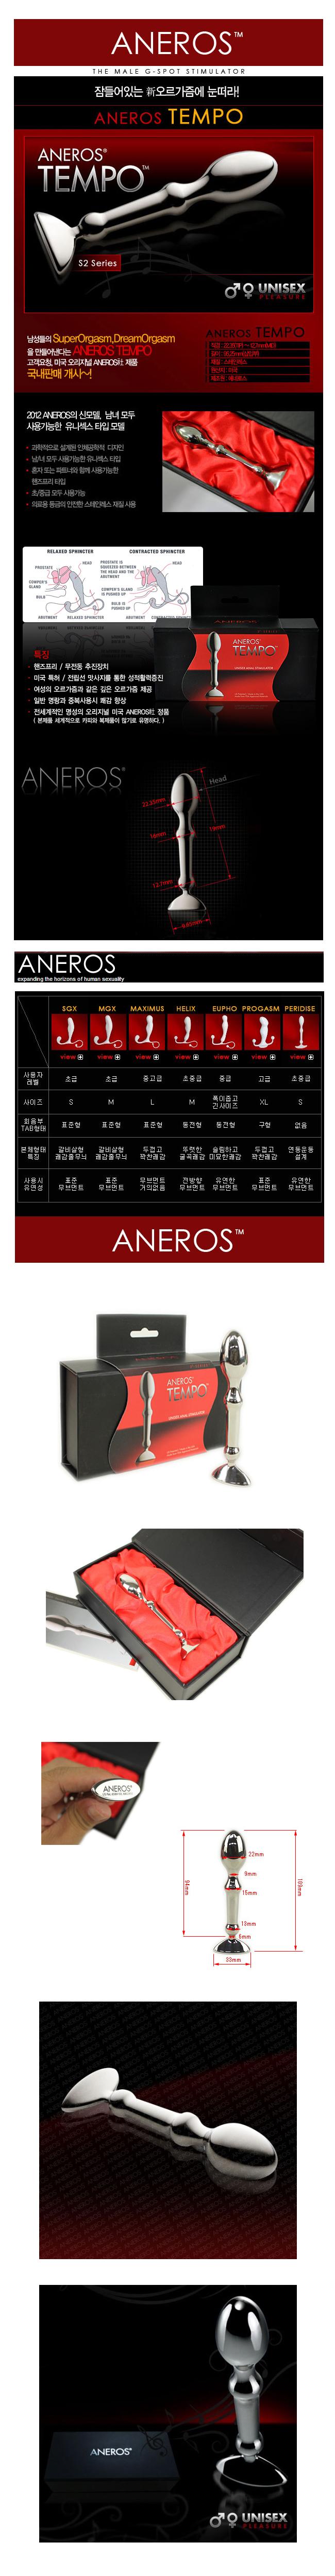 [일본 직수입] 아네로스 템포 ANEROS TEMPO (アネロス テンポ) - 아네로스 정품 (ANRS)